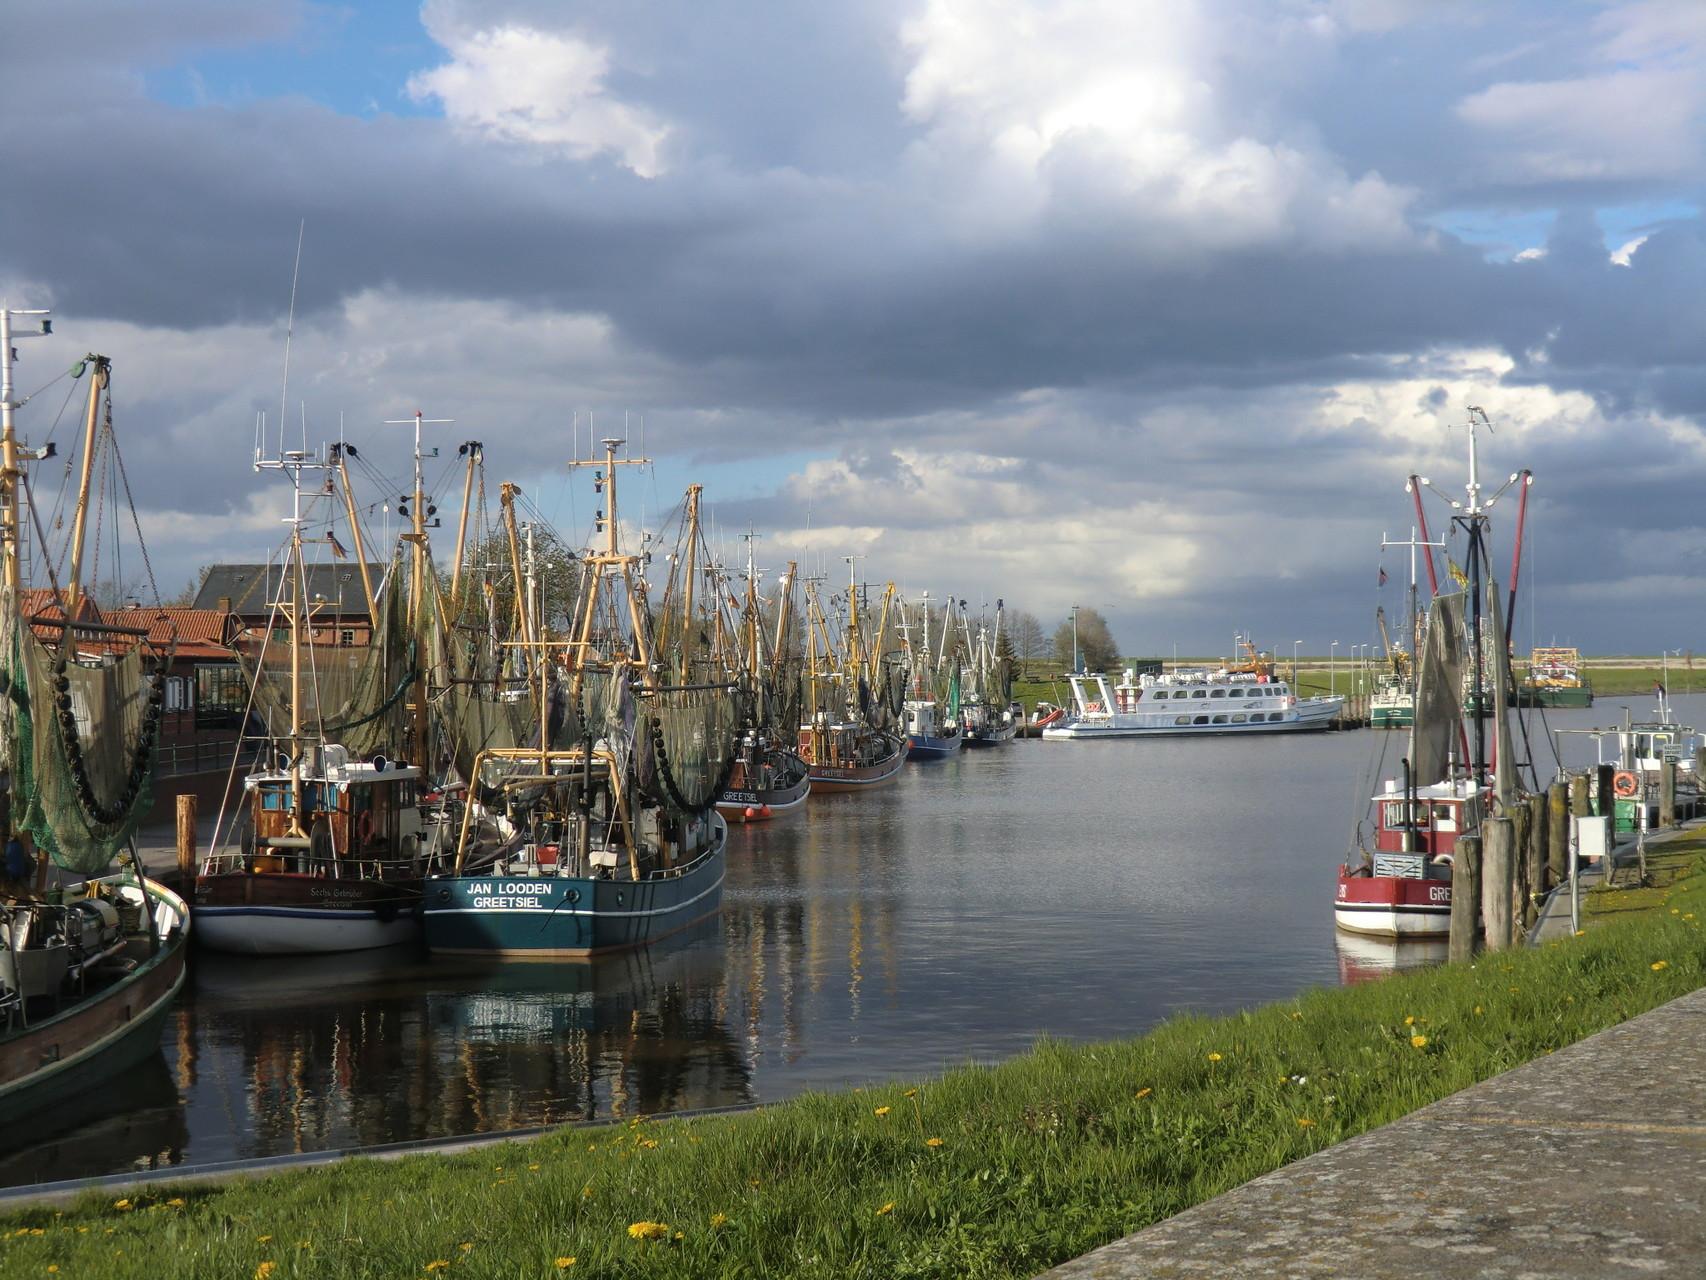 Hafen mit vielen Fischerbooten